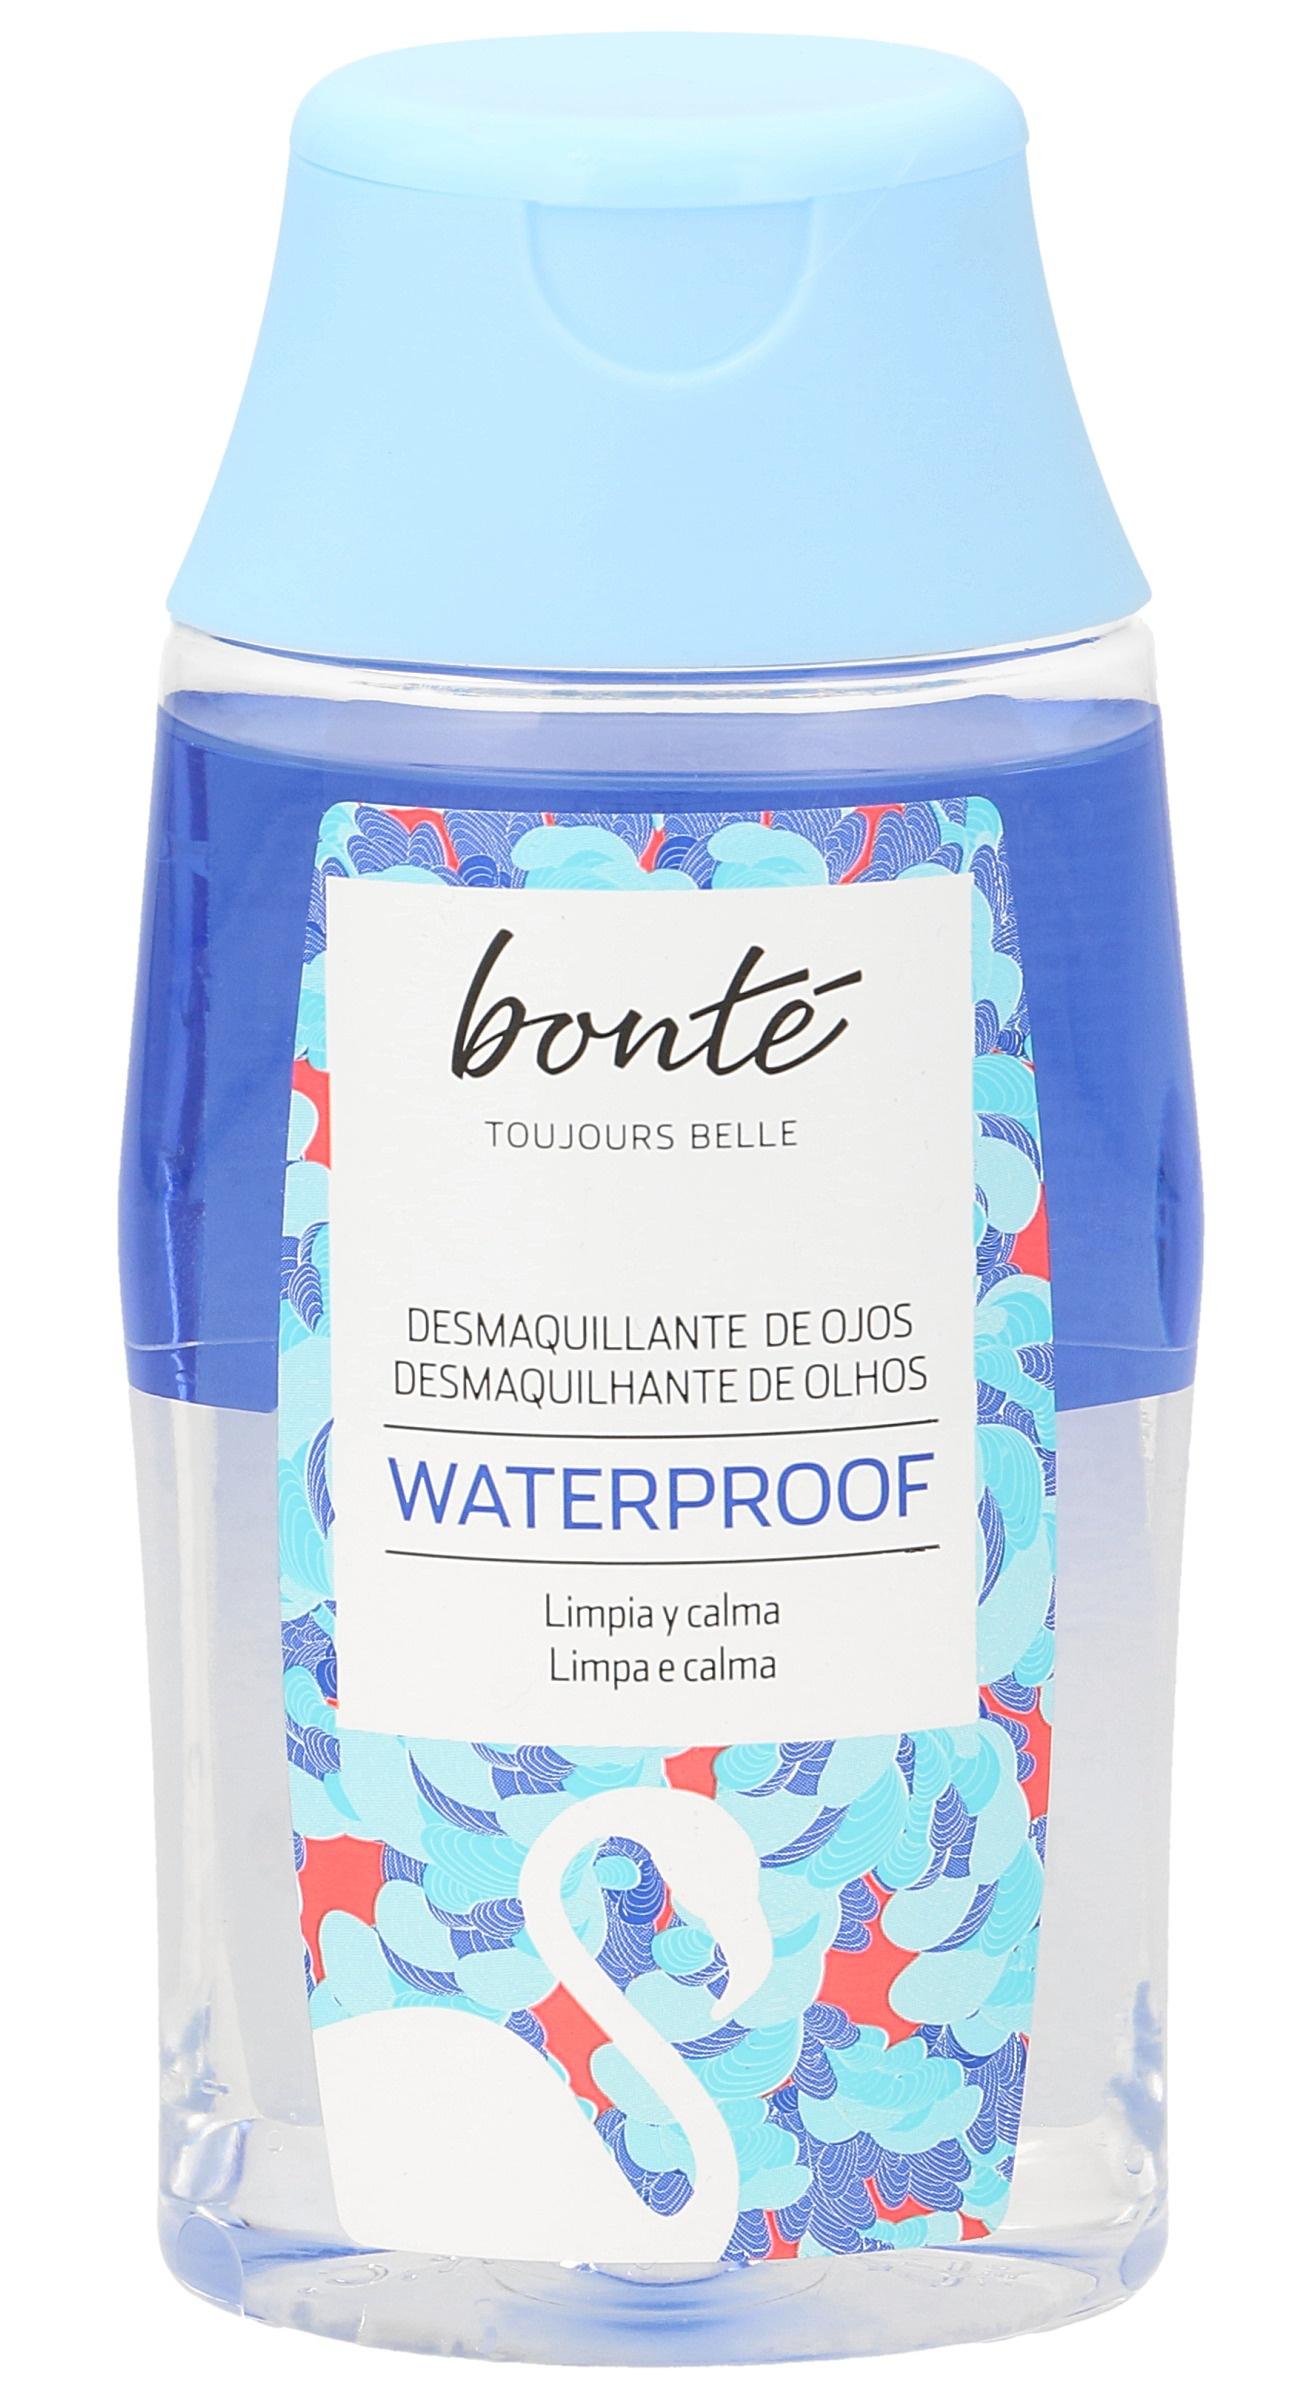 Bonté Desmaquillante De Ojos Waterproof